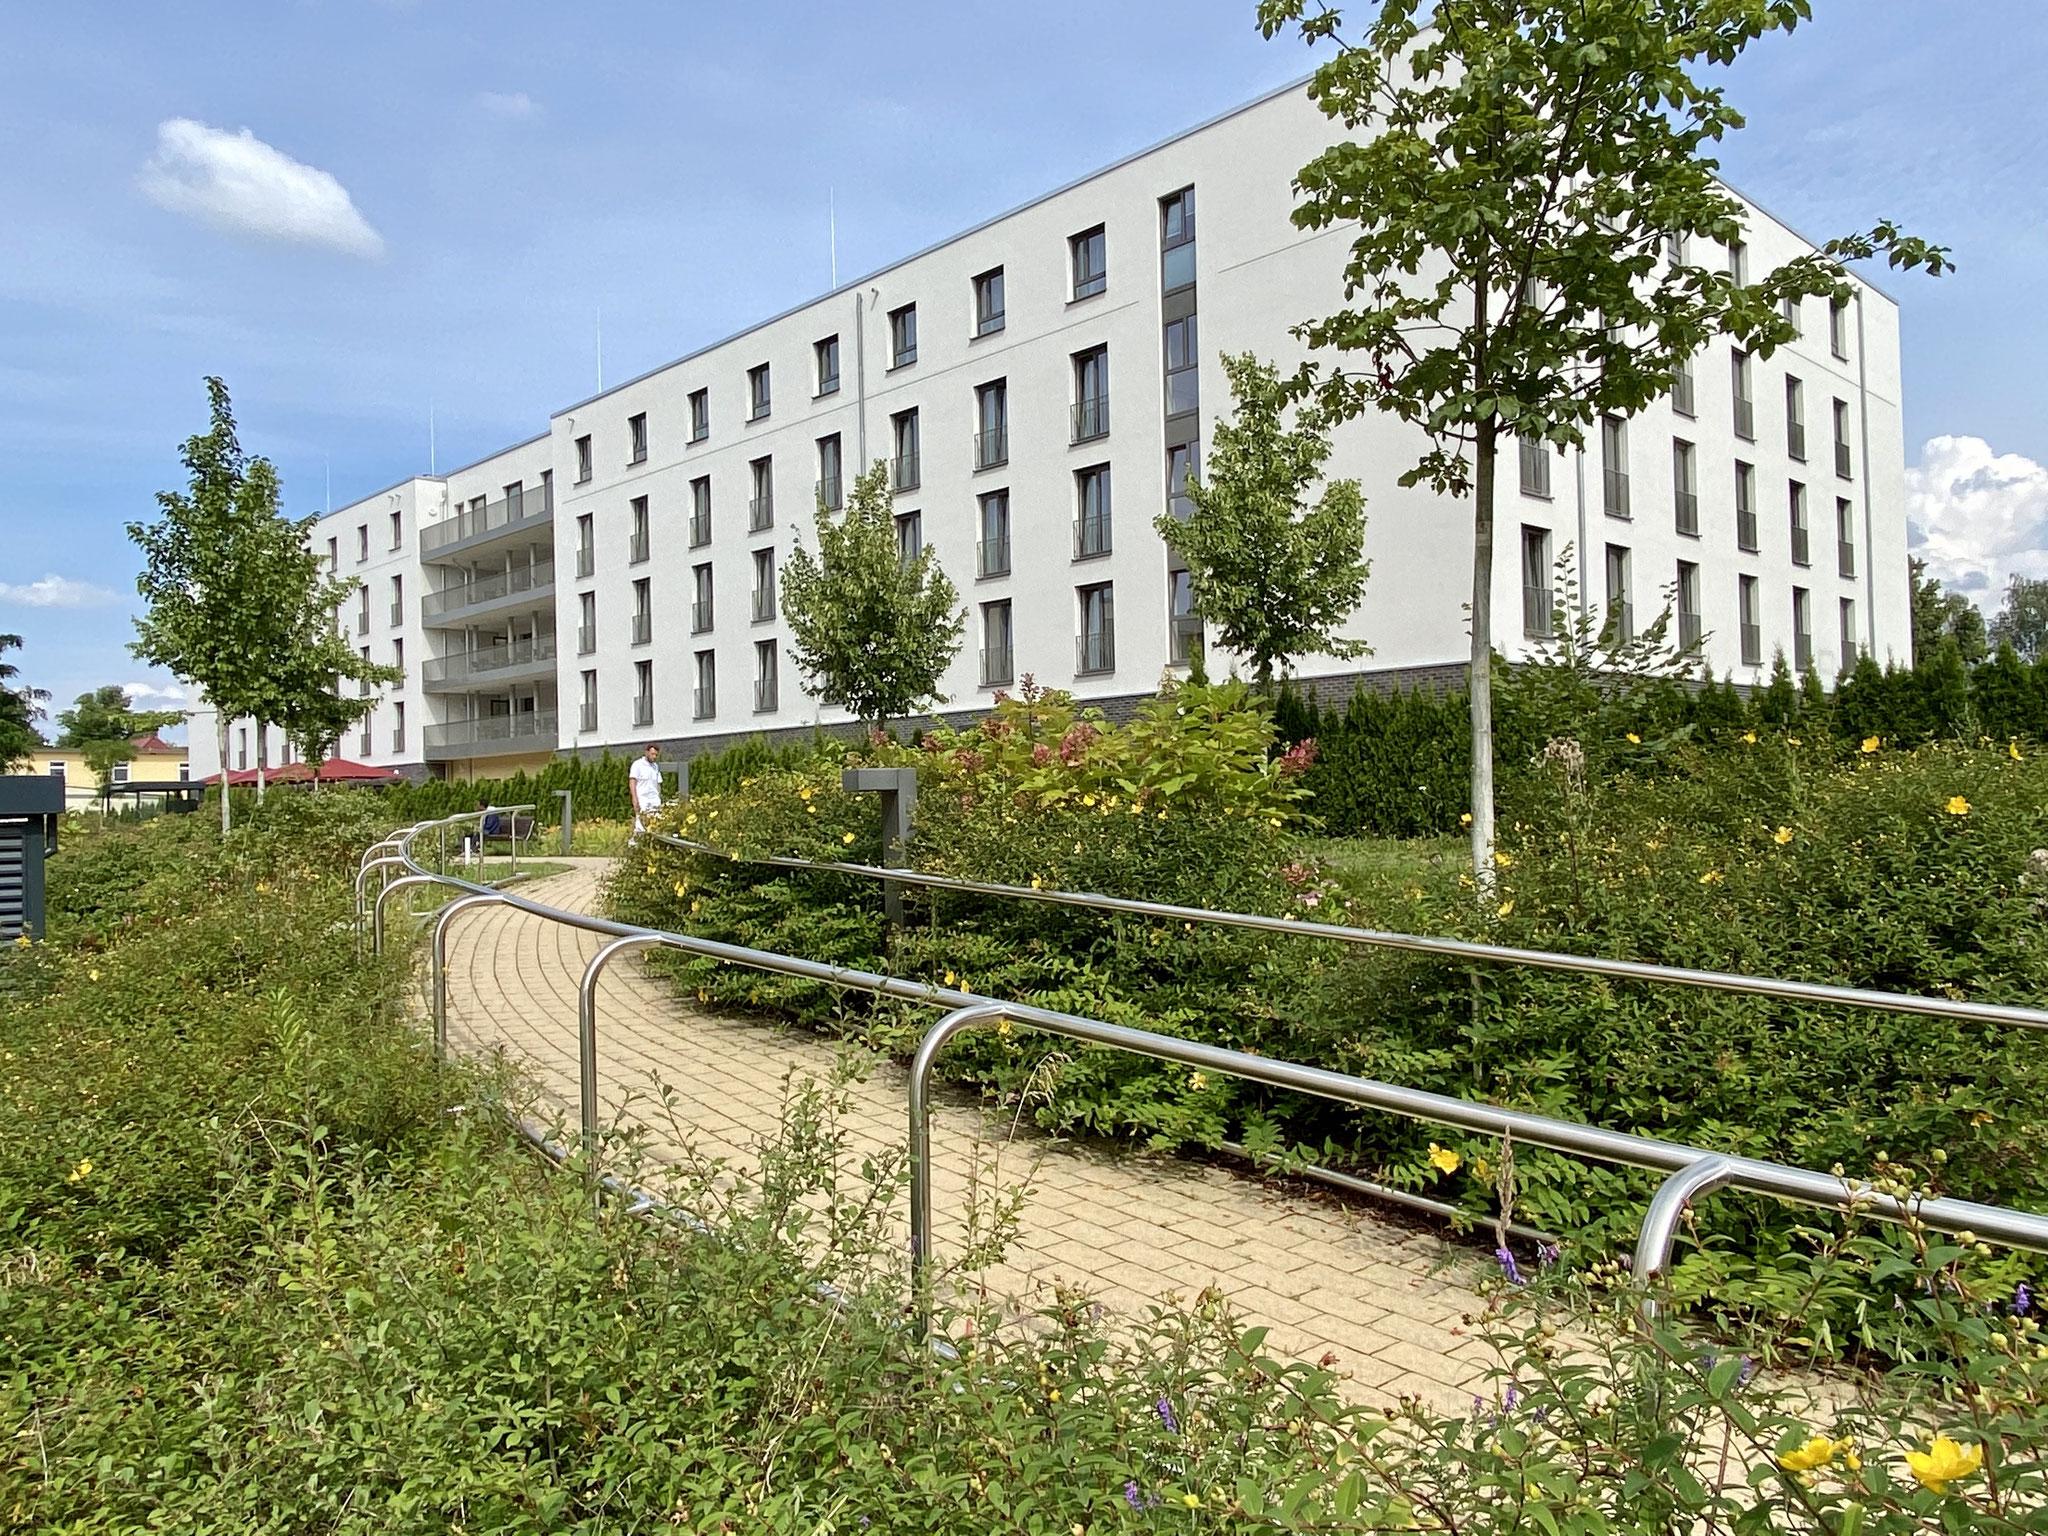 Die Vivantes Forum für Senioren GmbH hat ihr Hauptstadtpflege-Haus in Kaulsdorf eröffnet. Es ist der allererste Neubau des Unternehmens.